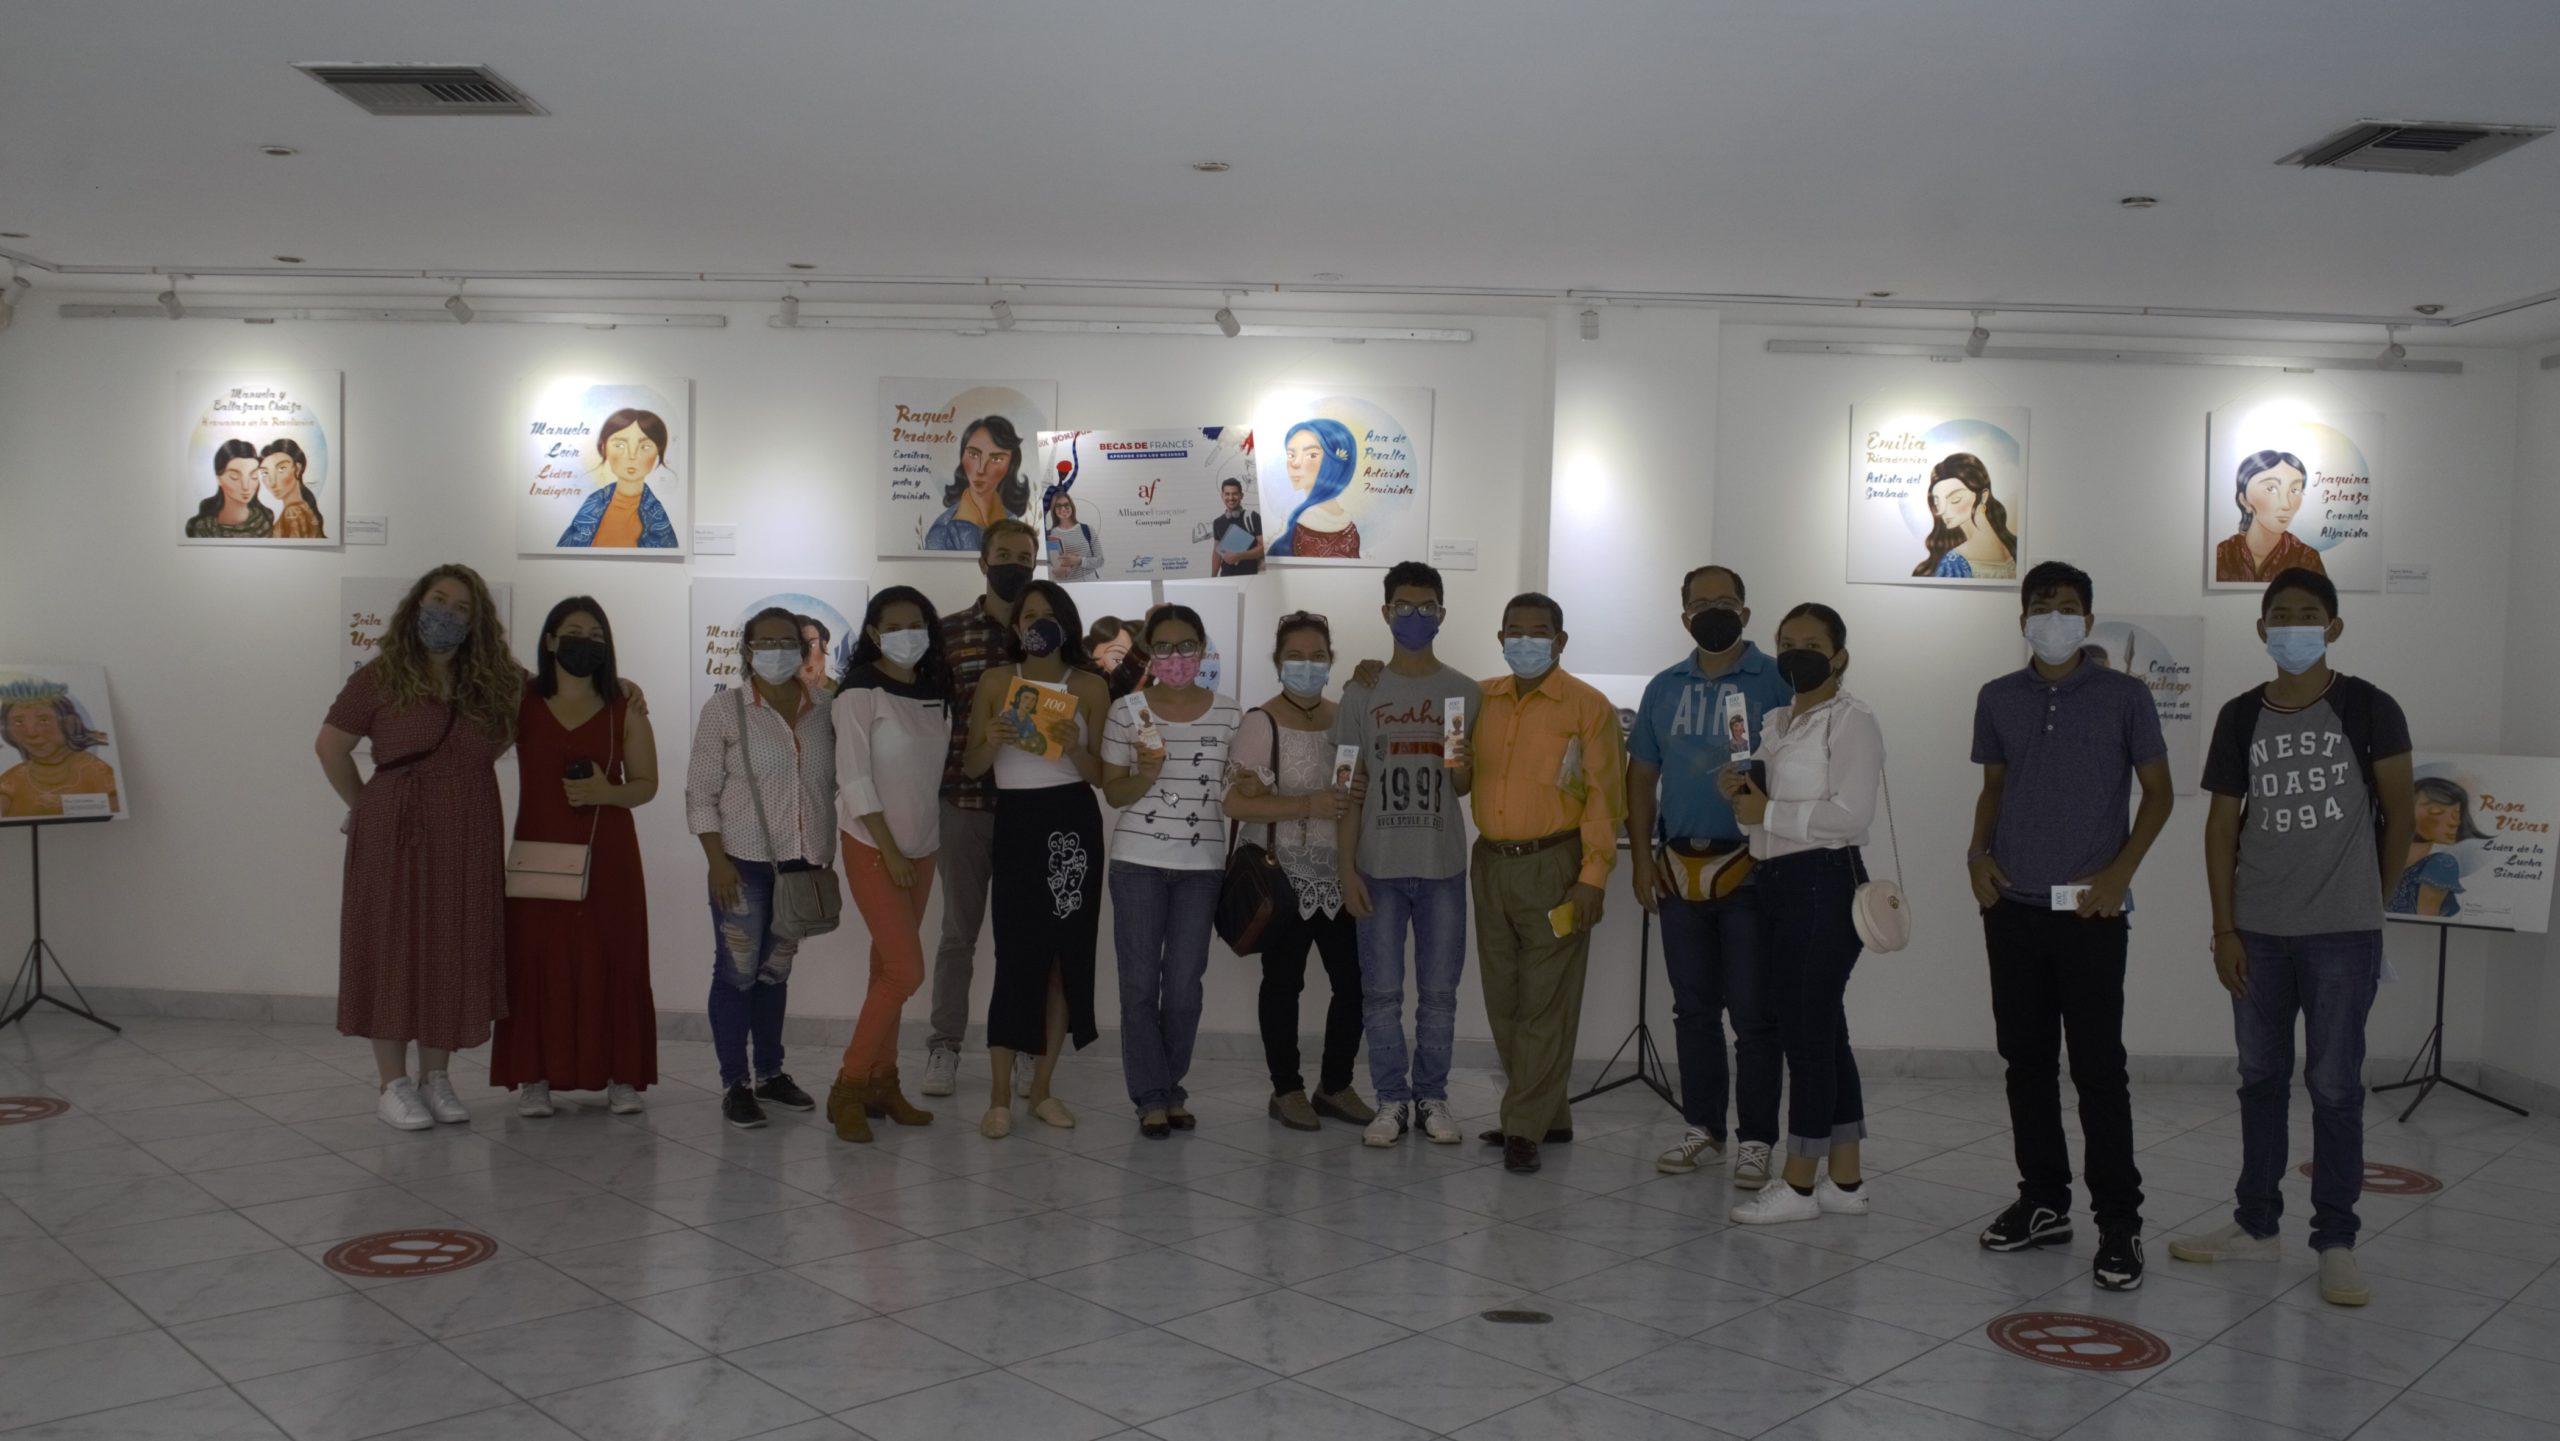 Inauguración de la exposición (100 mujeres de nuestra Historia ) y reanudación de las actividades culturales en la Alianza Francesa de Guayaquil